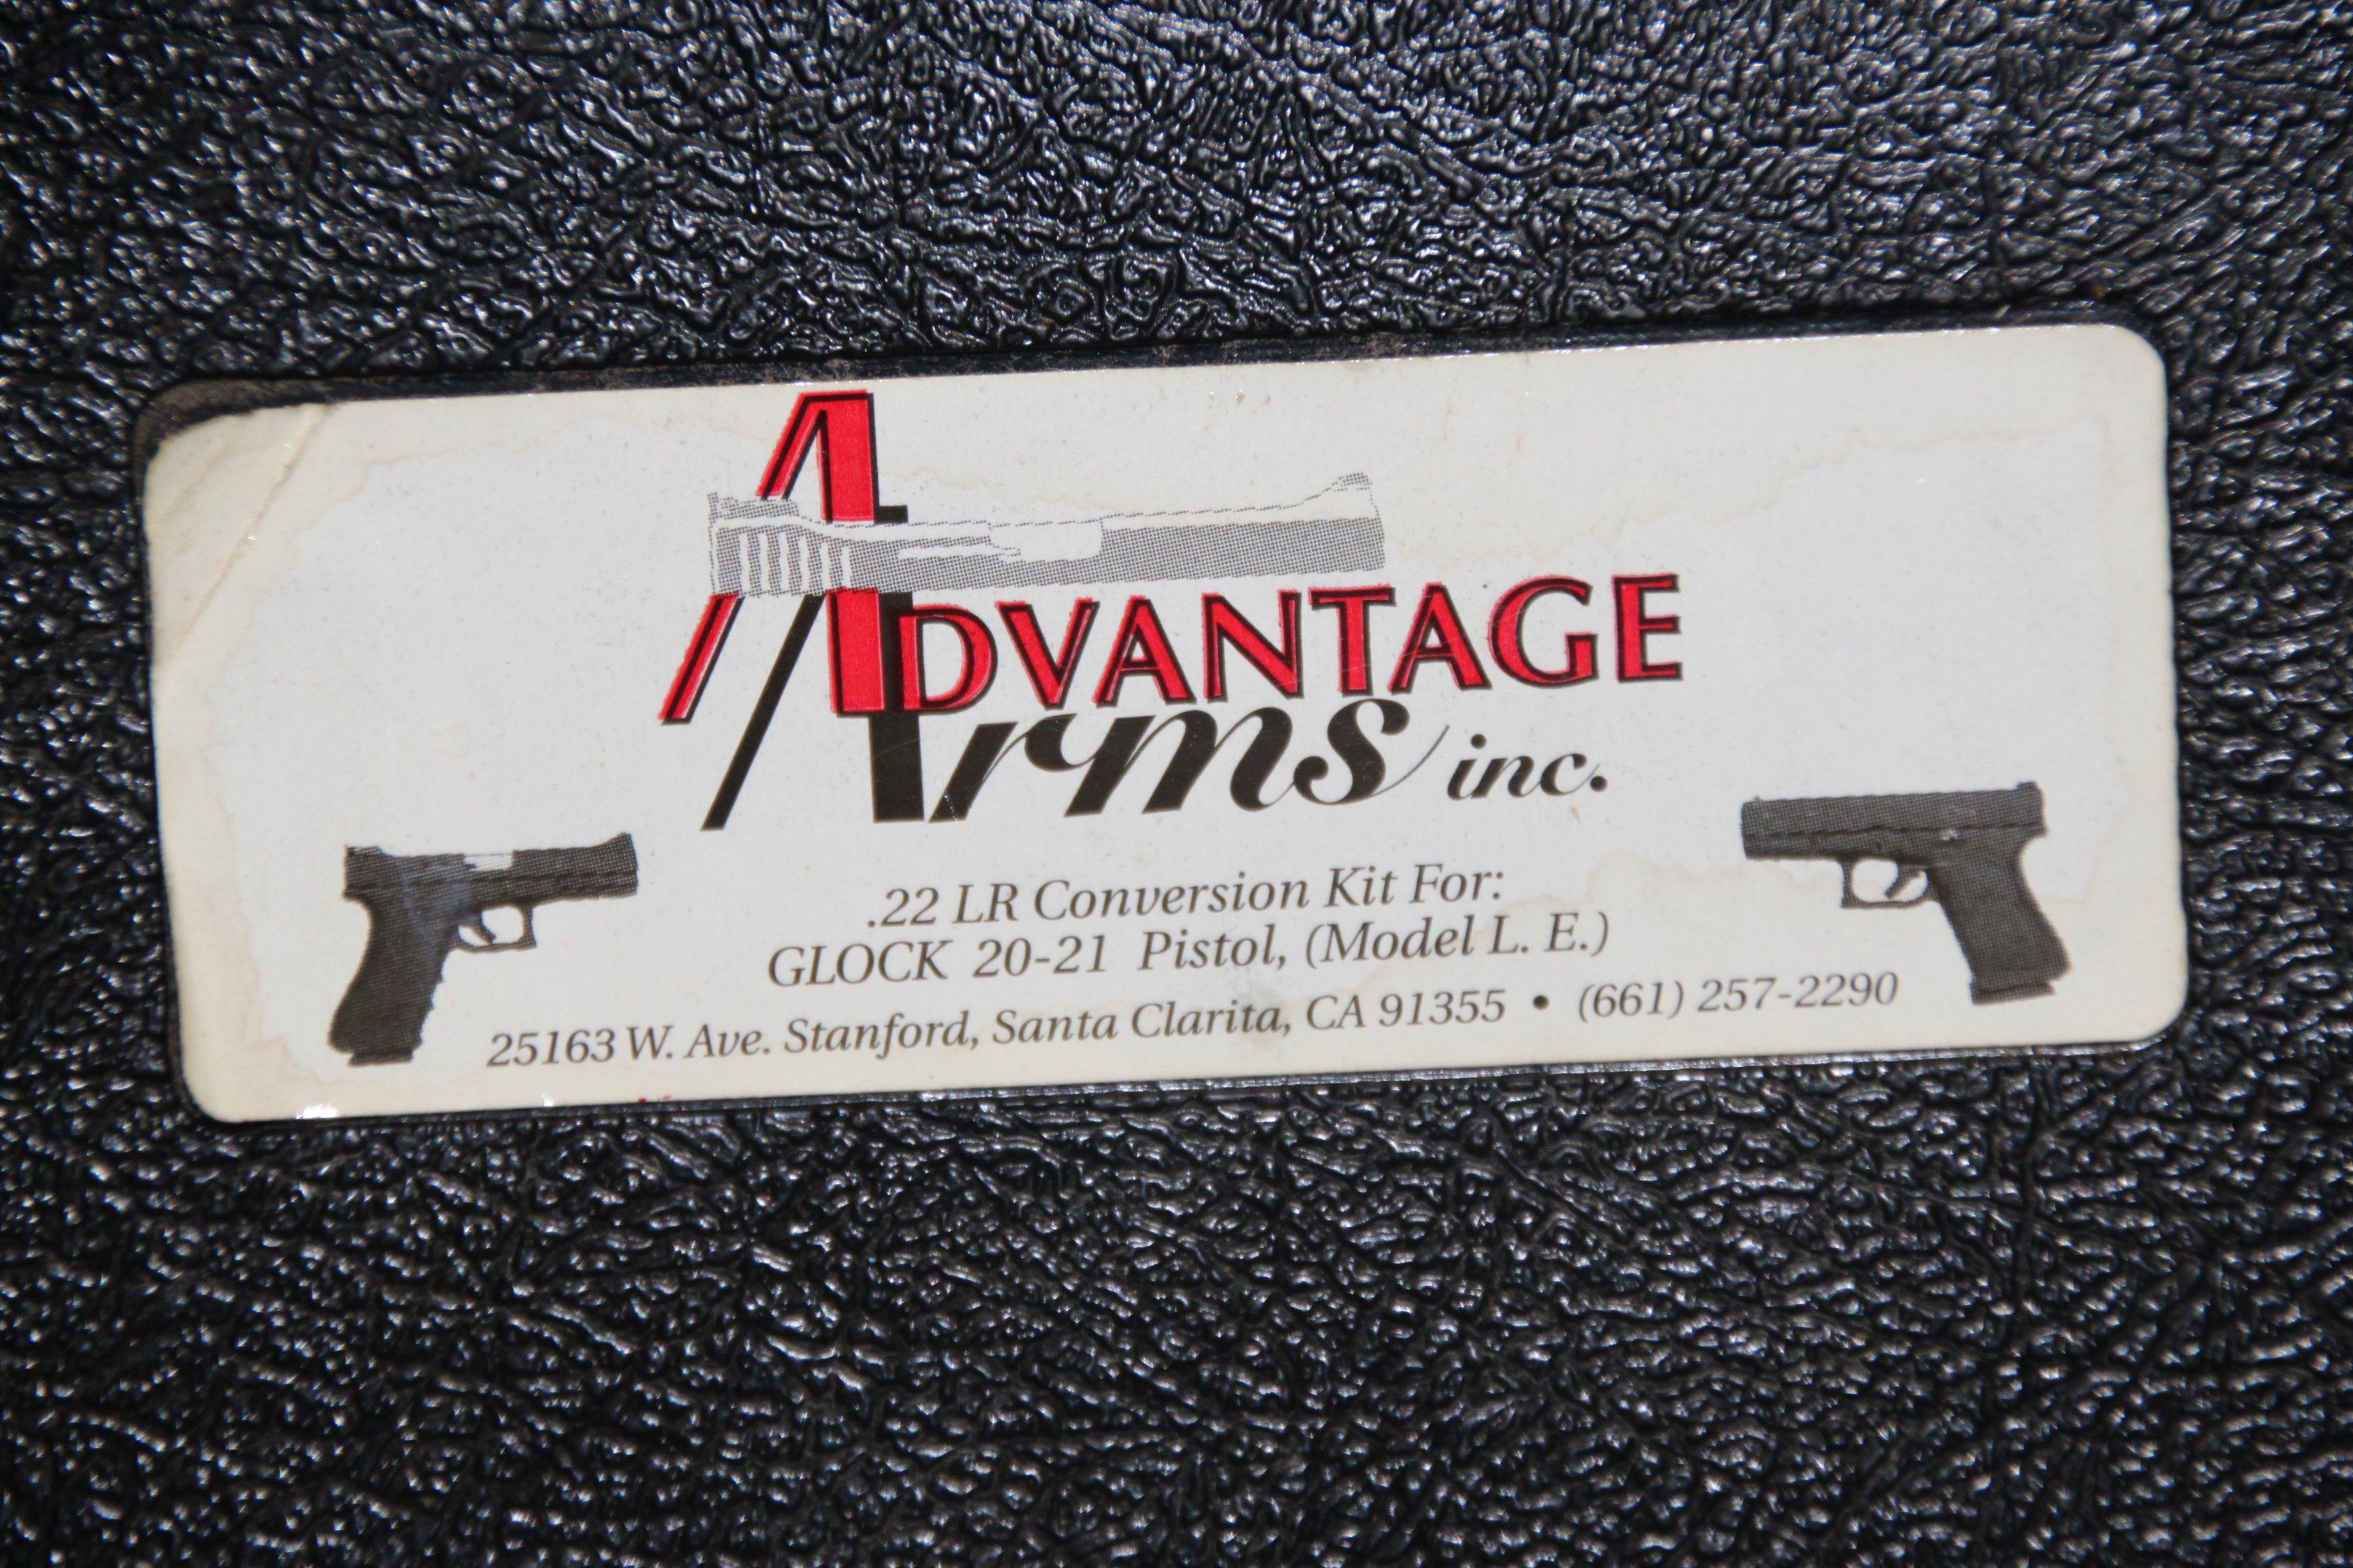 WTS - Advantage Arms Glock 20/21 LE  22LR conversion kit